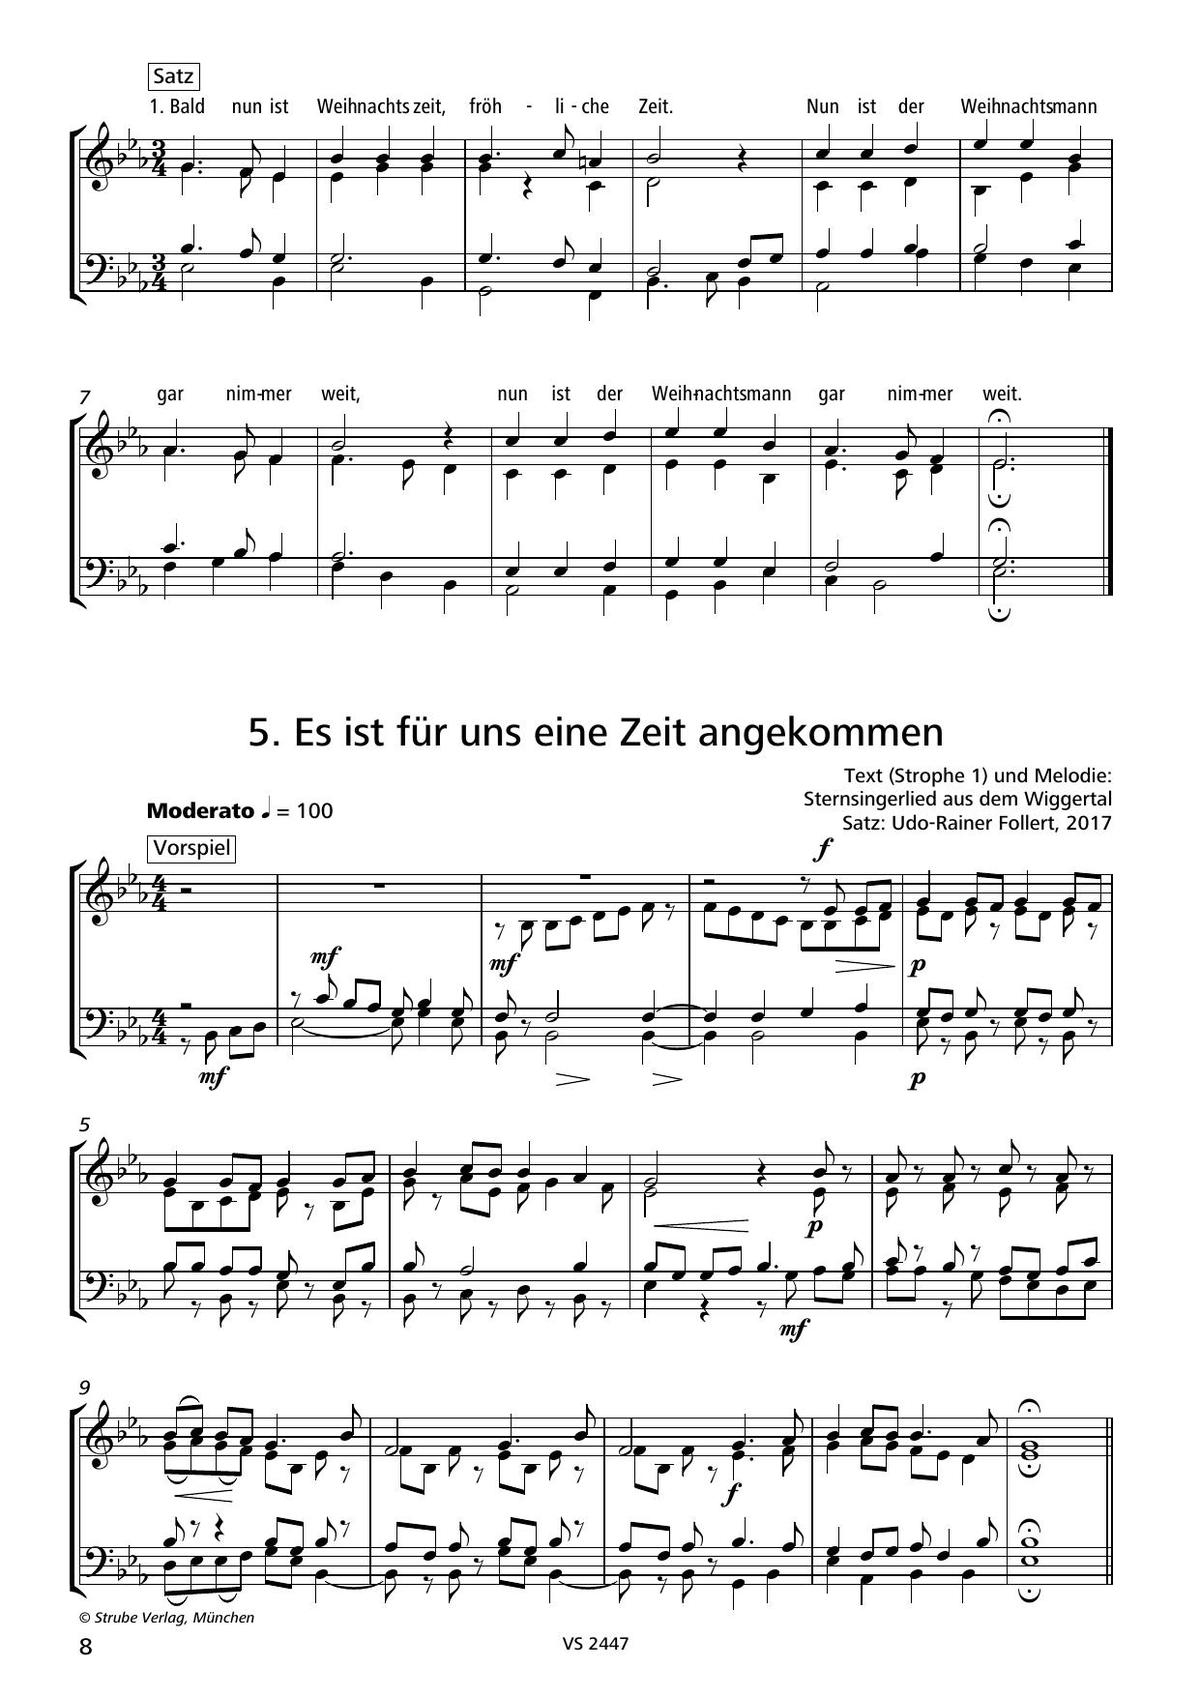 Bald Nun Ist Weihnachtszeit (Posaunenchor) über Bald Nun Ist Weihnachtszeit Text